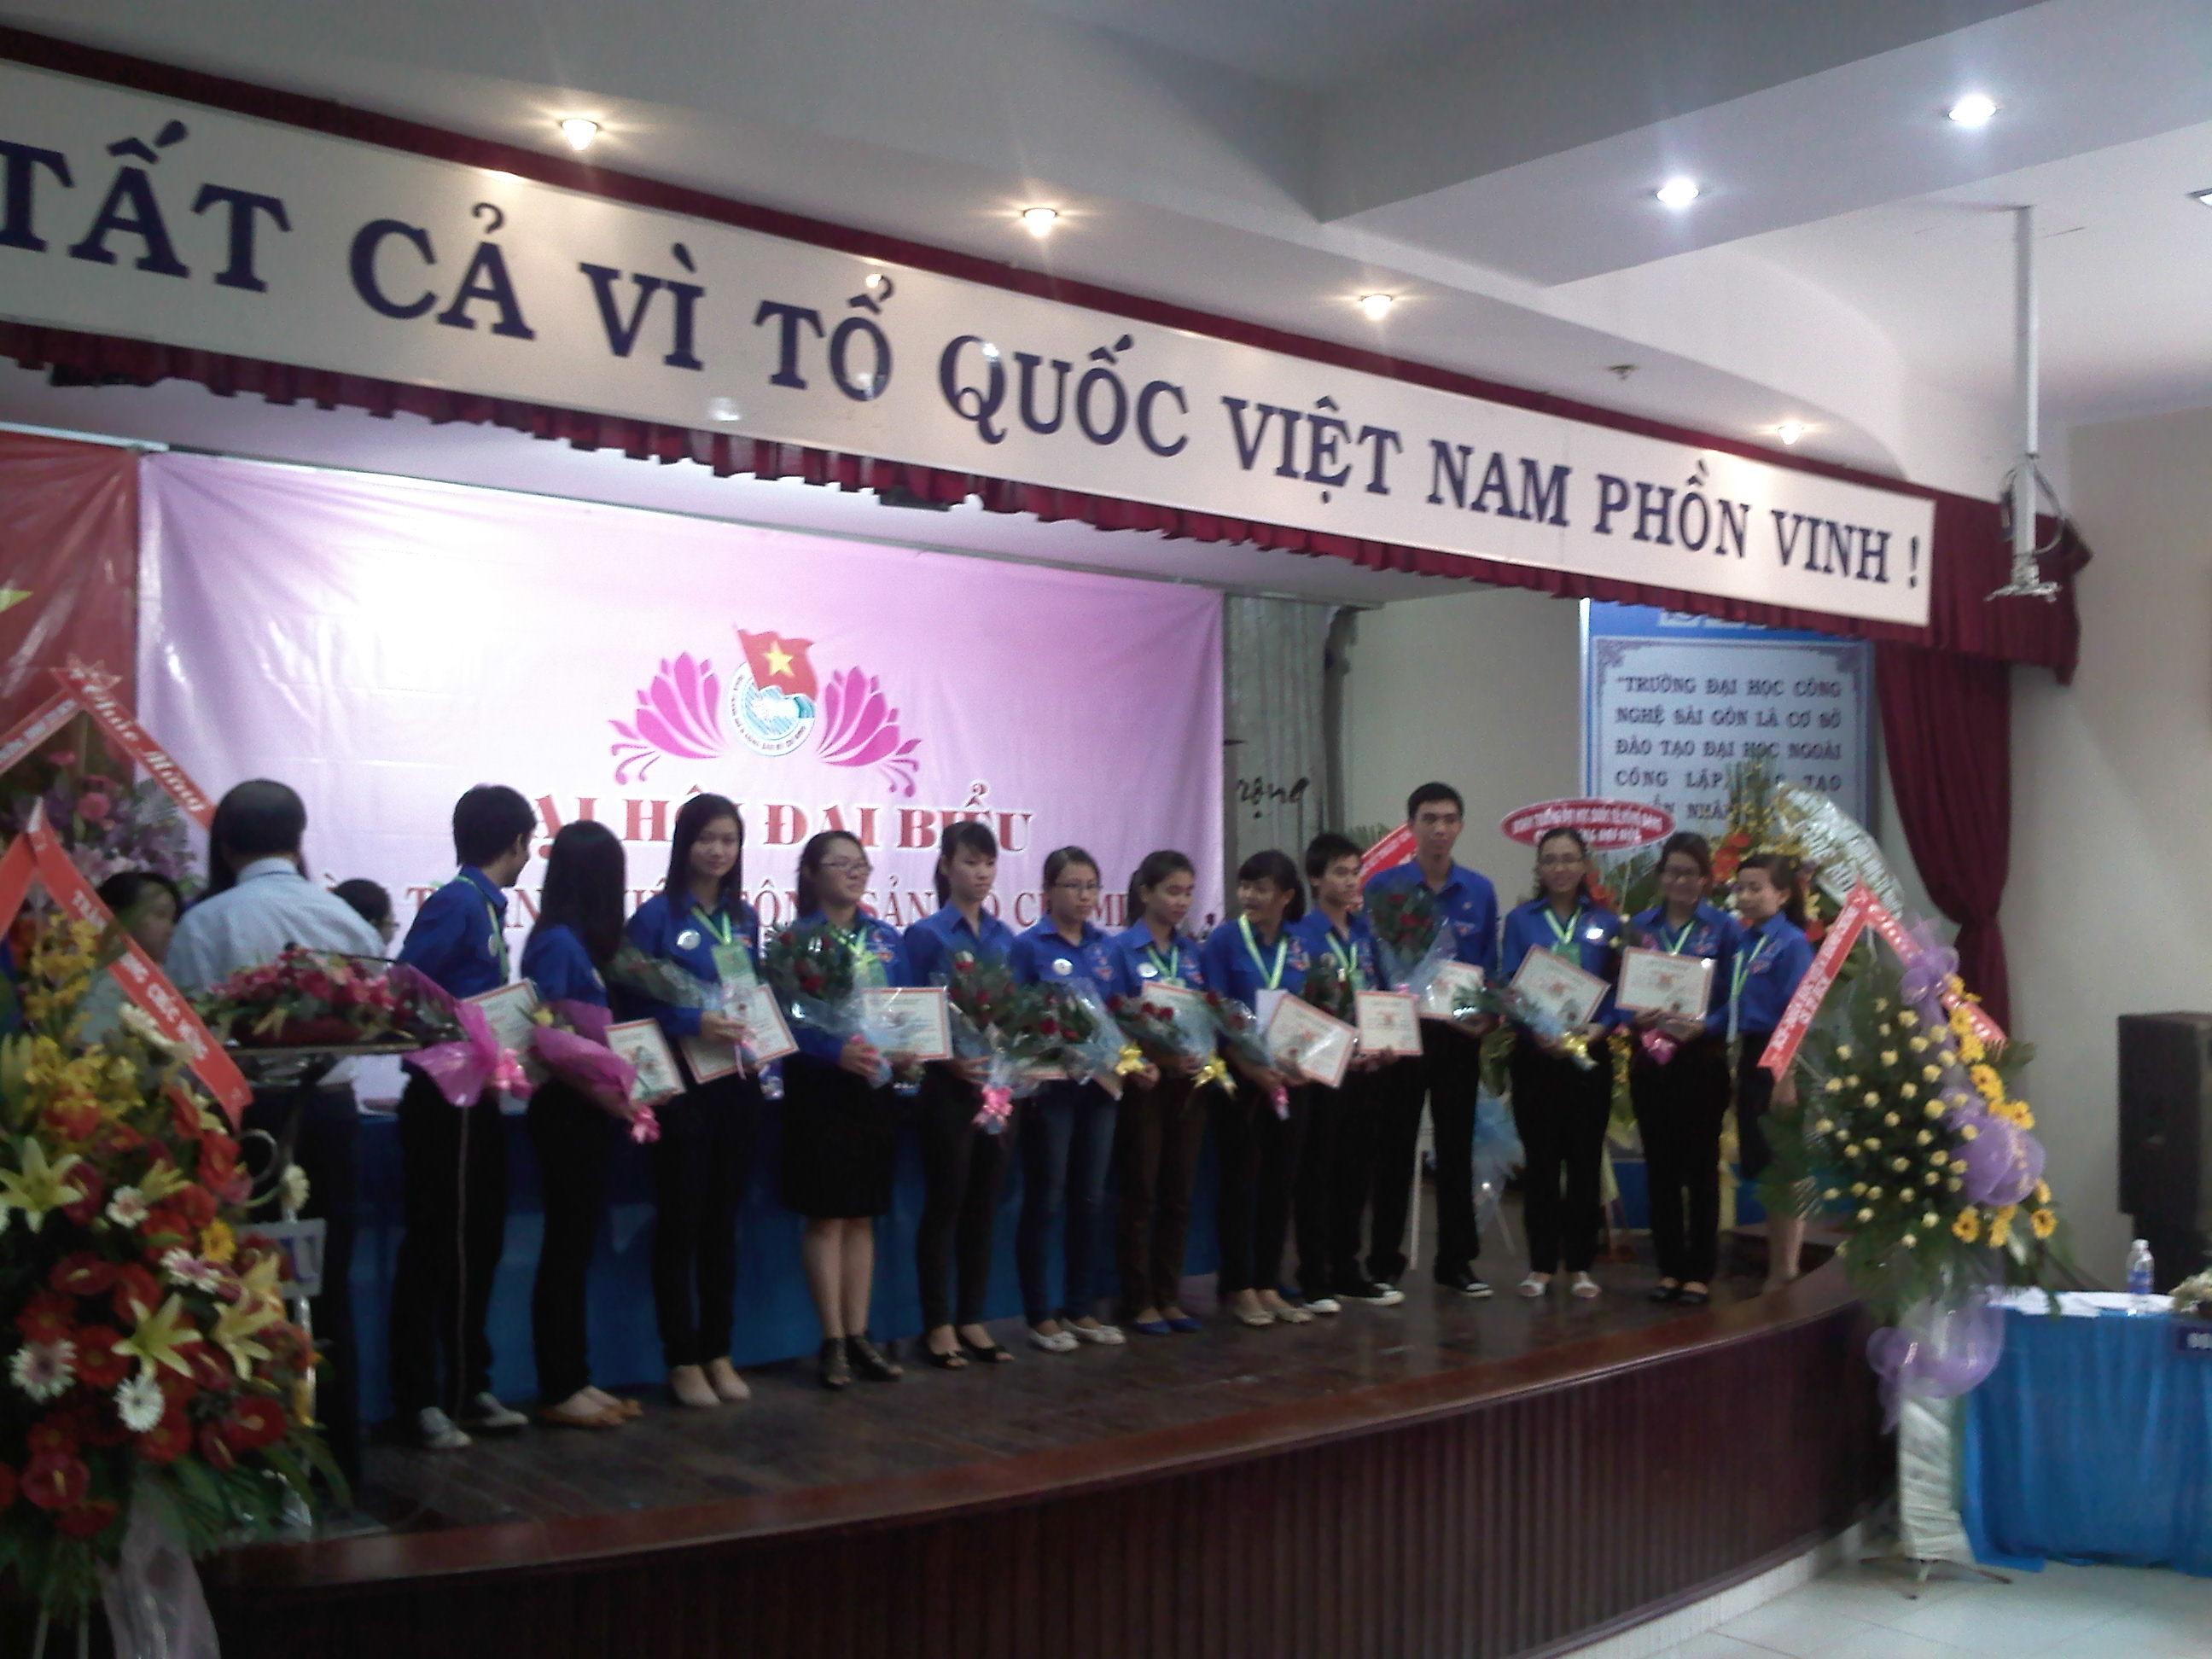 Khen thưởng cán bộ Đoàn - Đoàn viên đạt giải 26 - 03